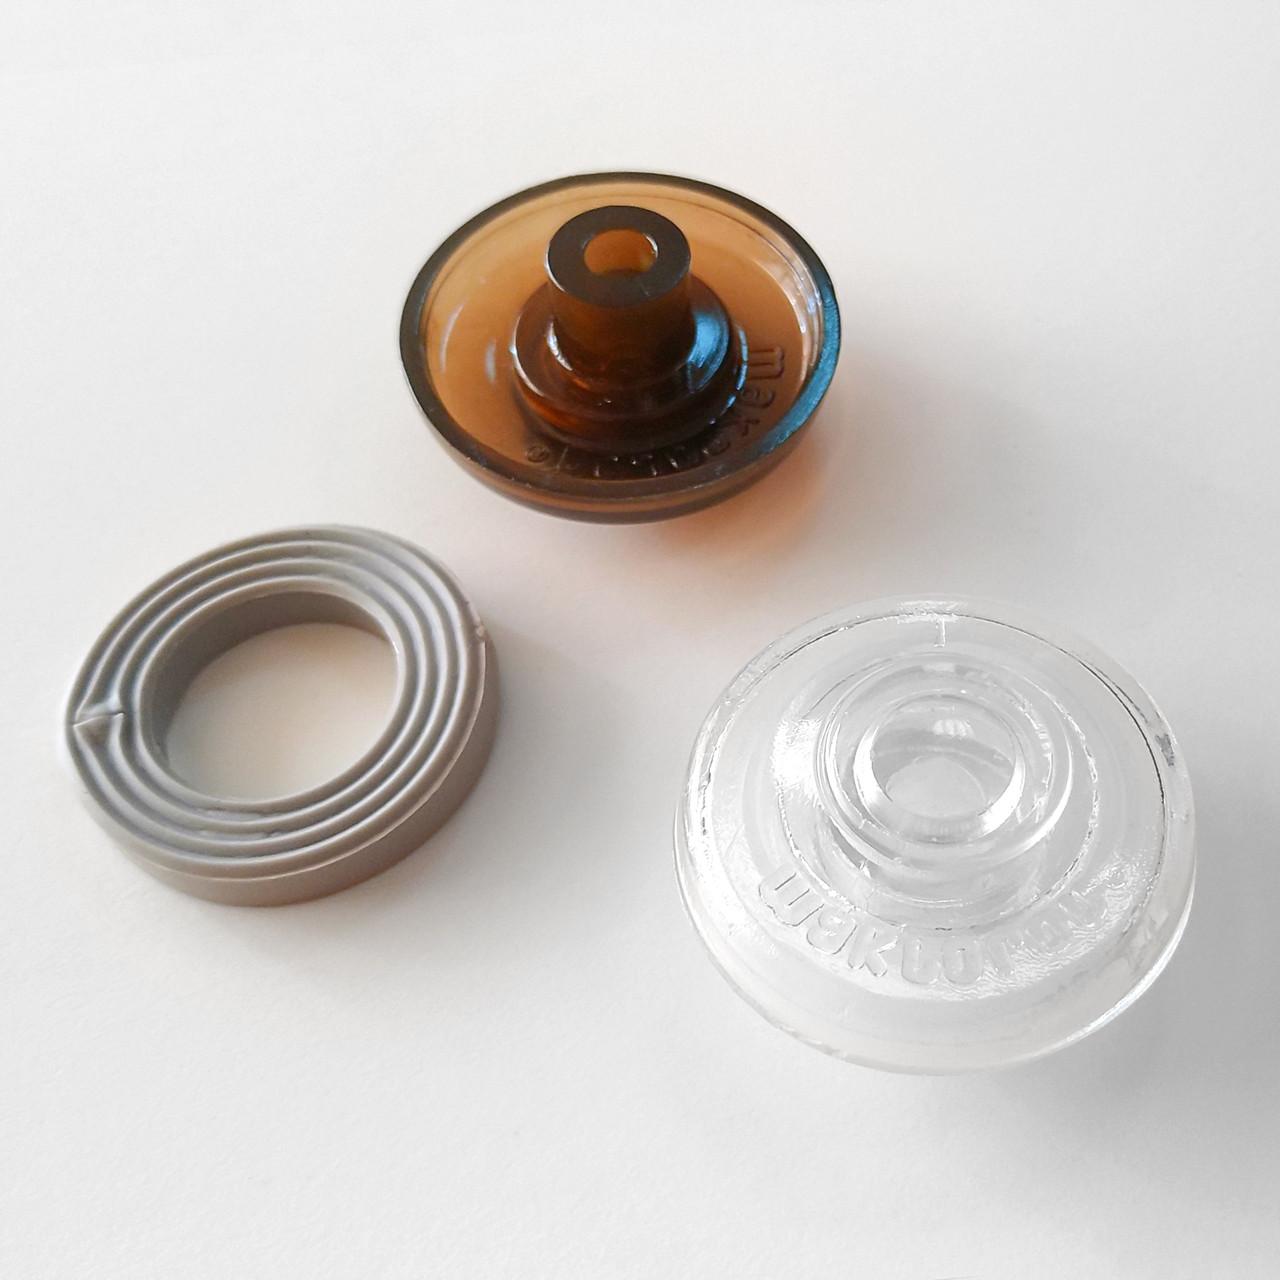 Термошайба Makrolon с резиновым кольцом, прозрачная, с ножкой 6 мм